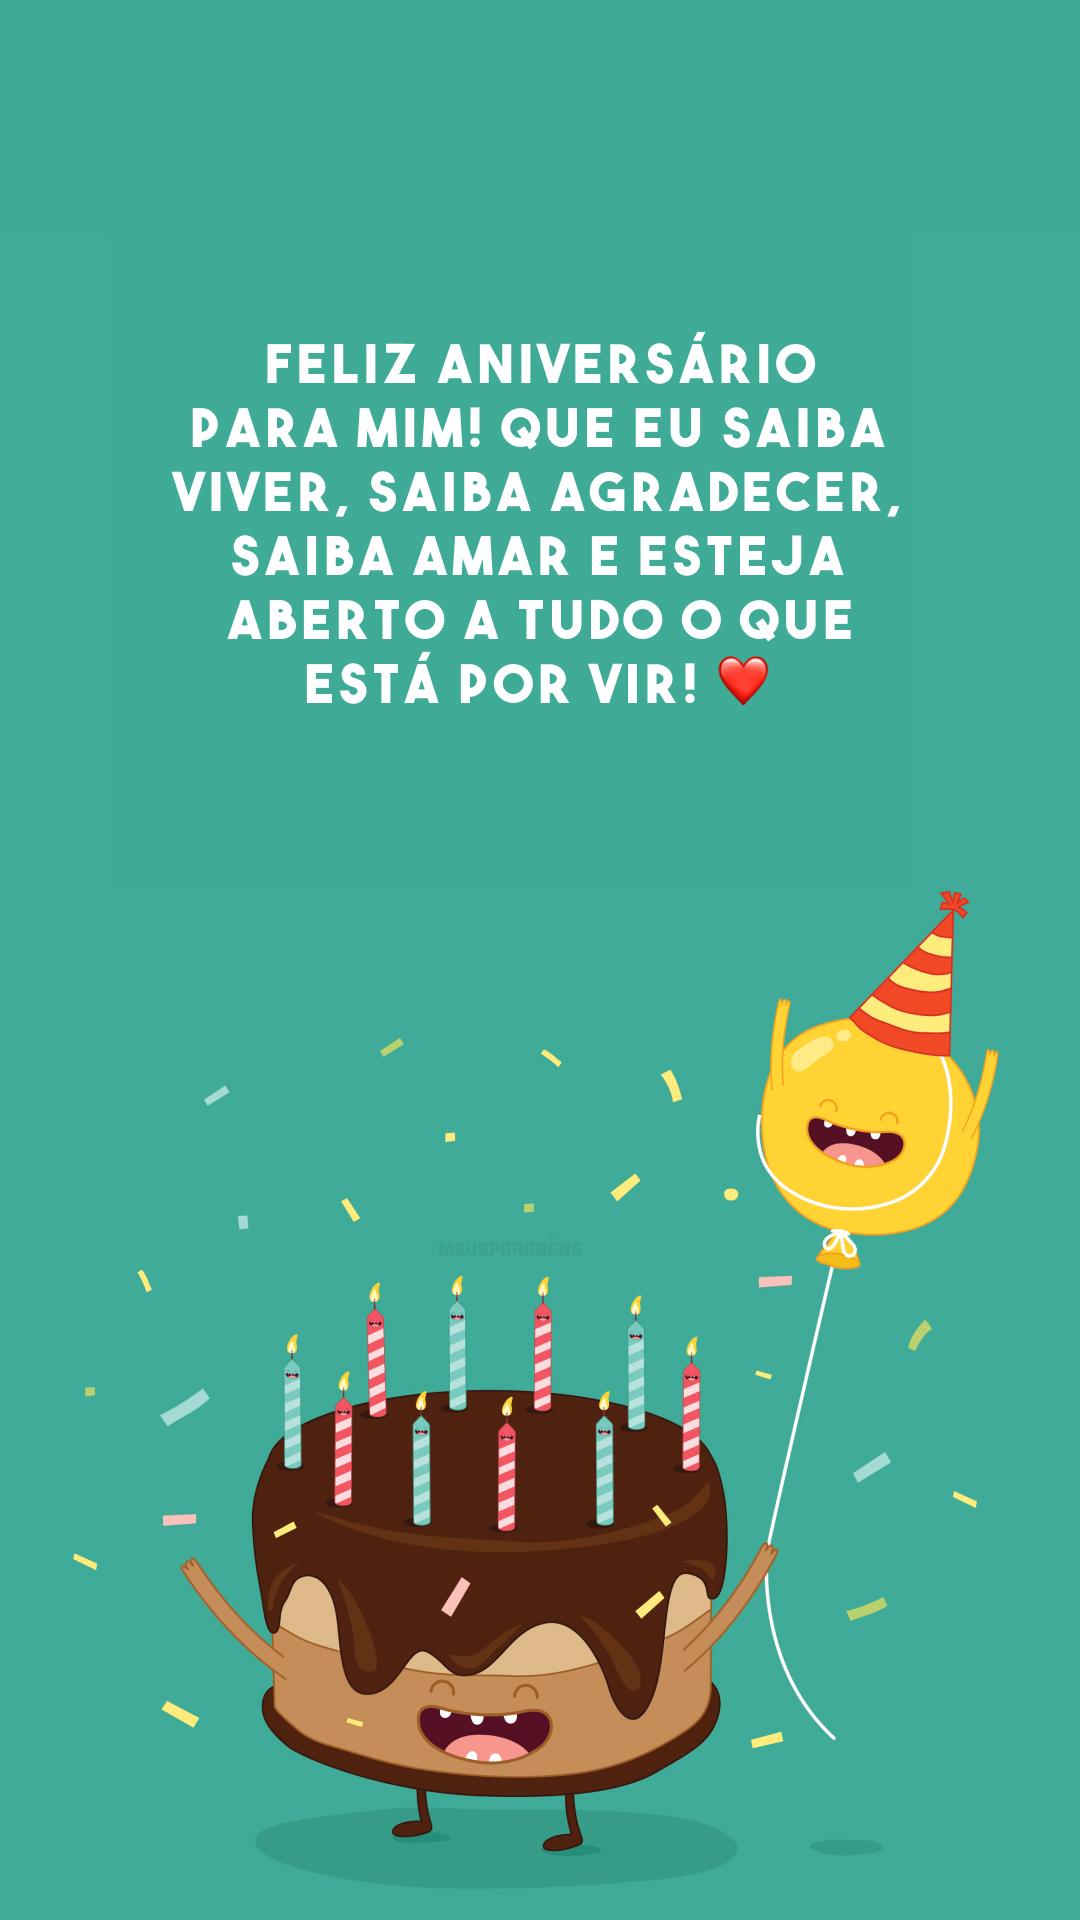 Feliz aniversário para mim! Que eu saiba viver, saiba agradecer, saiba amar e esteja aberto a tudo o que está por vir! ❤️